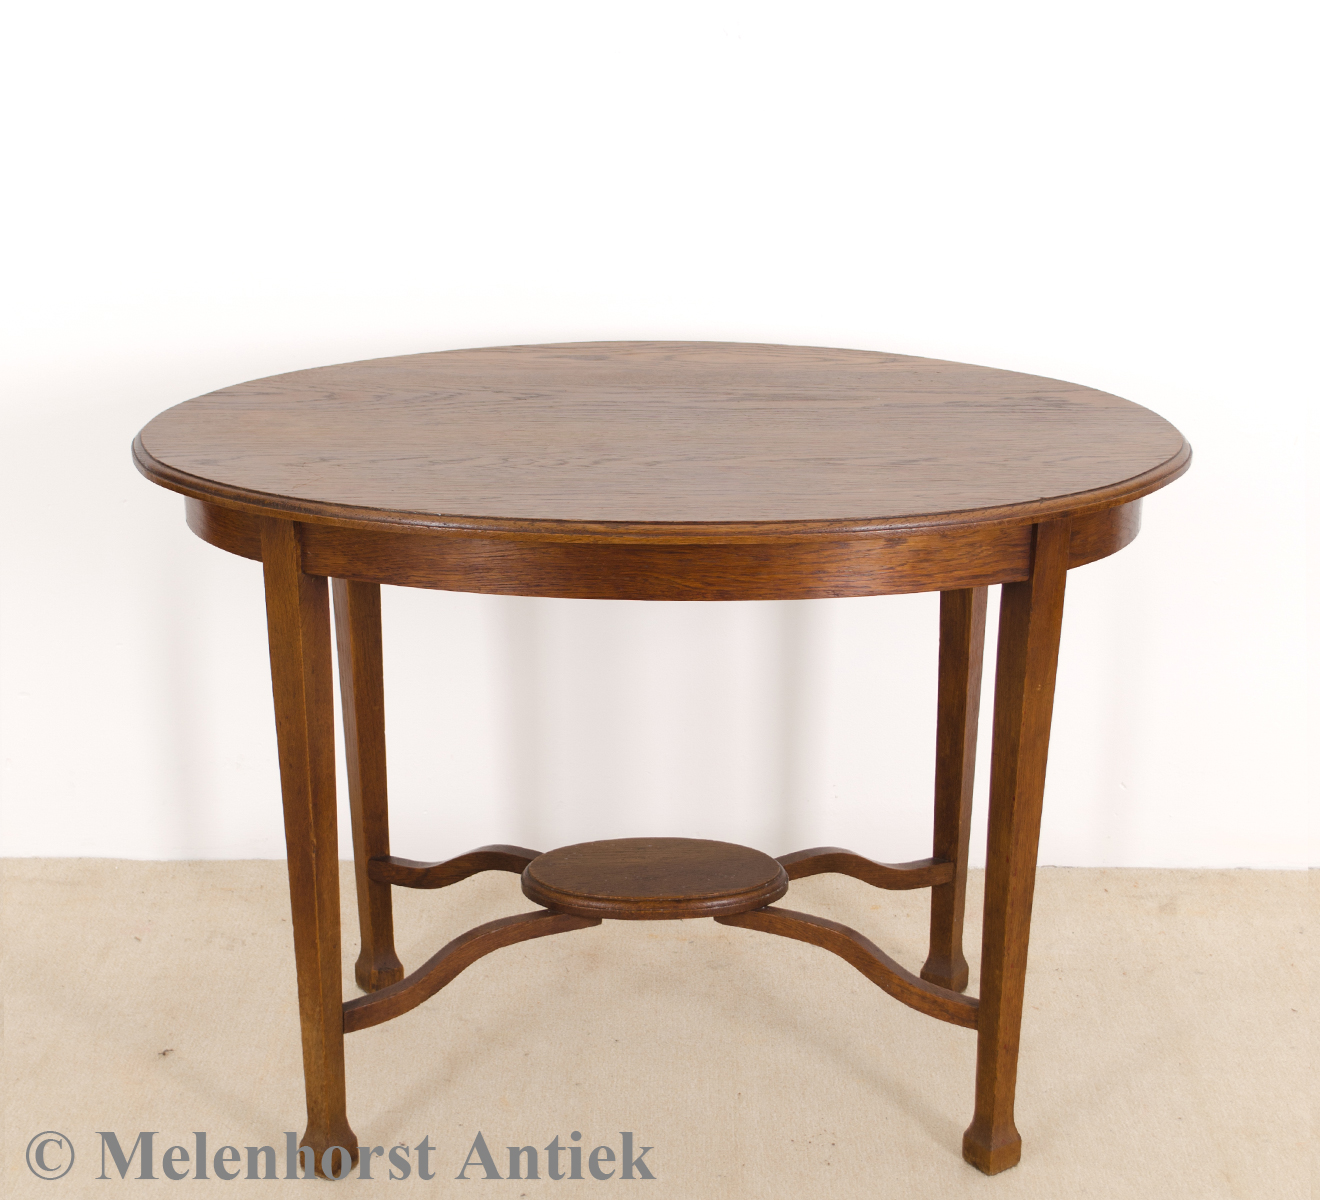 Antieke ovale eiken tafel